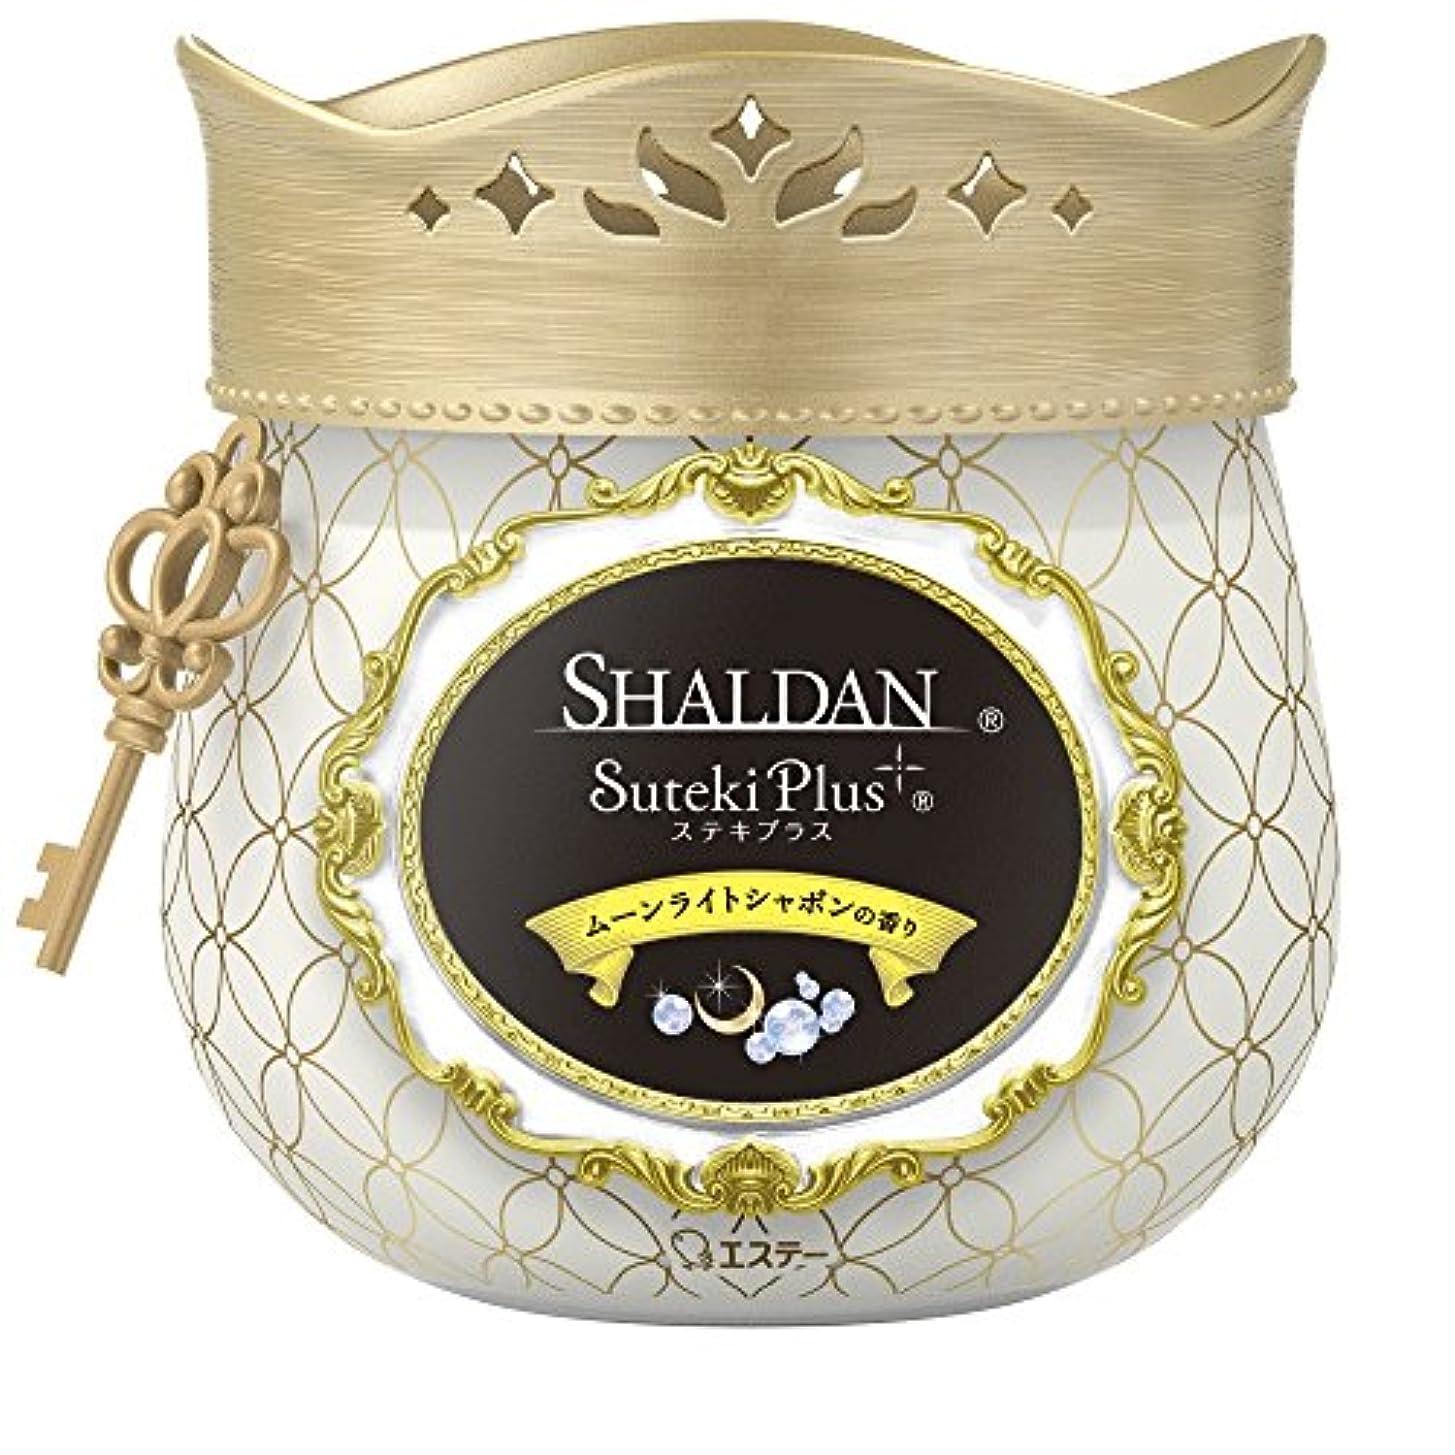 予報見つける宮殿シャルダン SHALDAN ステキプラス 消臭芳香剤 部屋用 部屋 ムーンライトシャボンの香り 260g